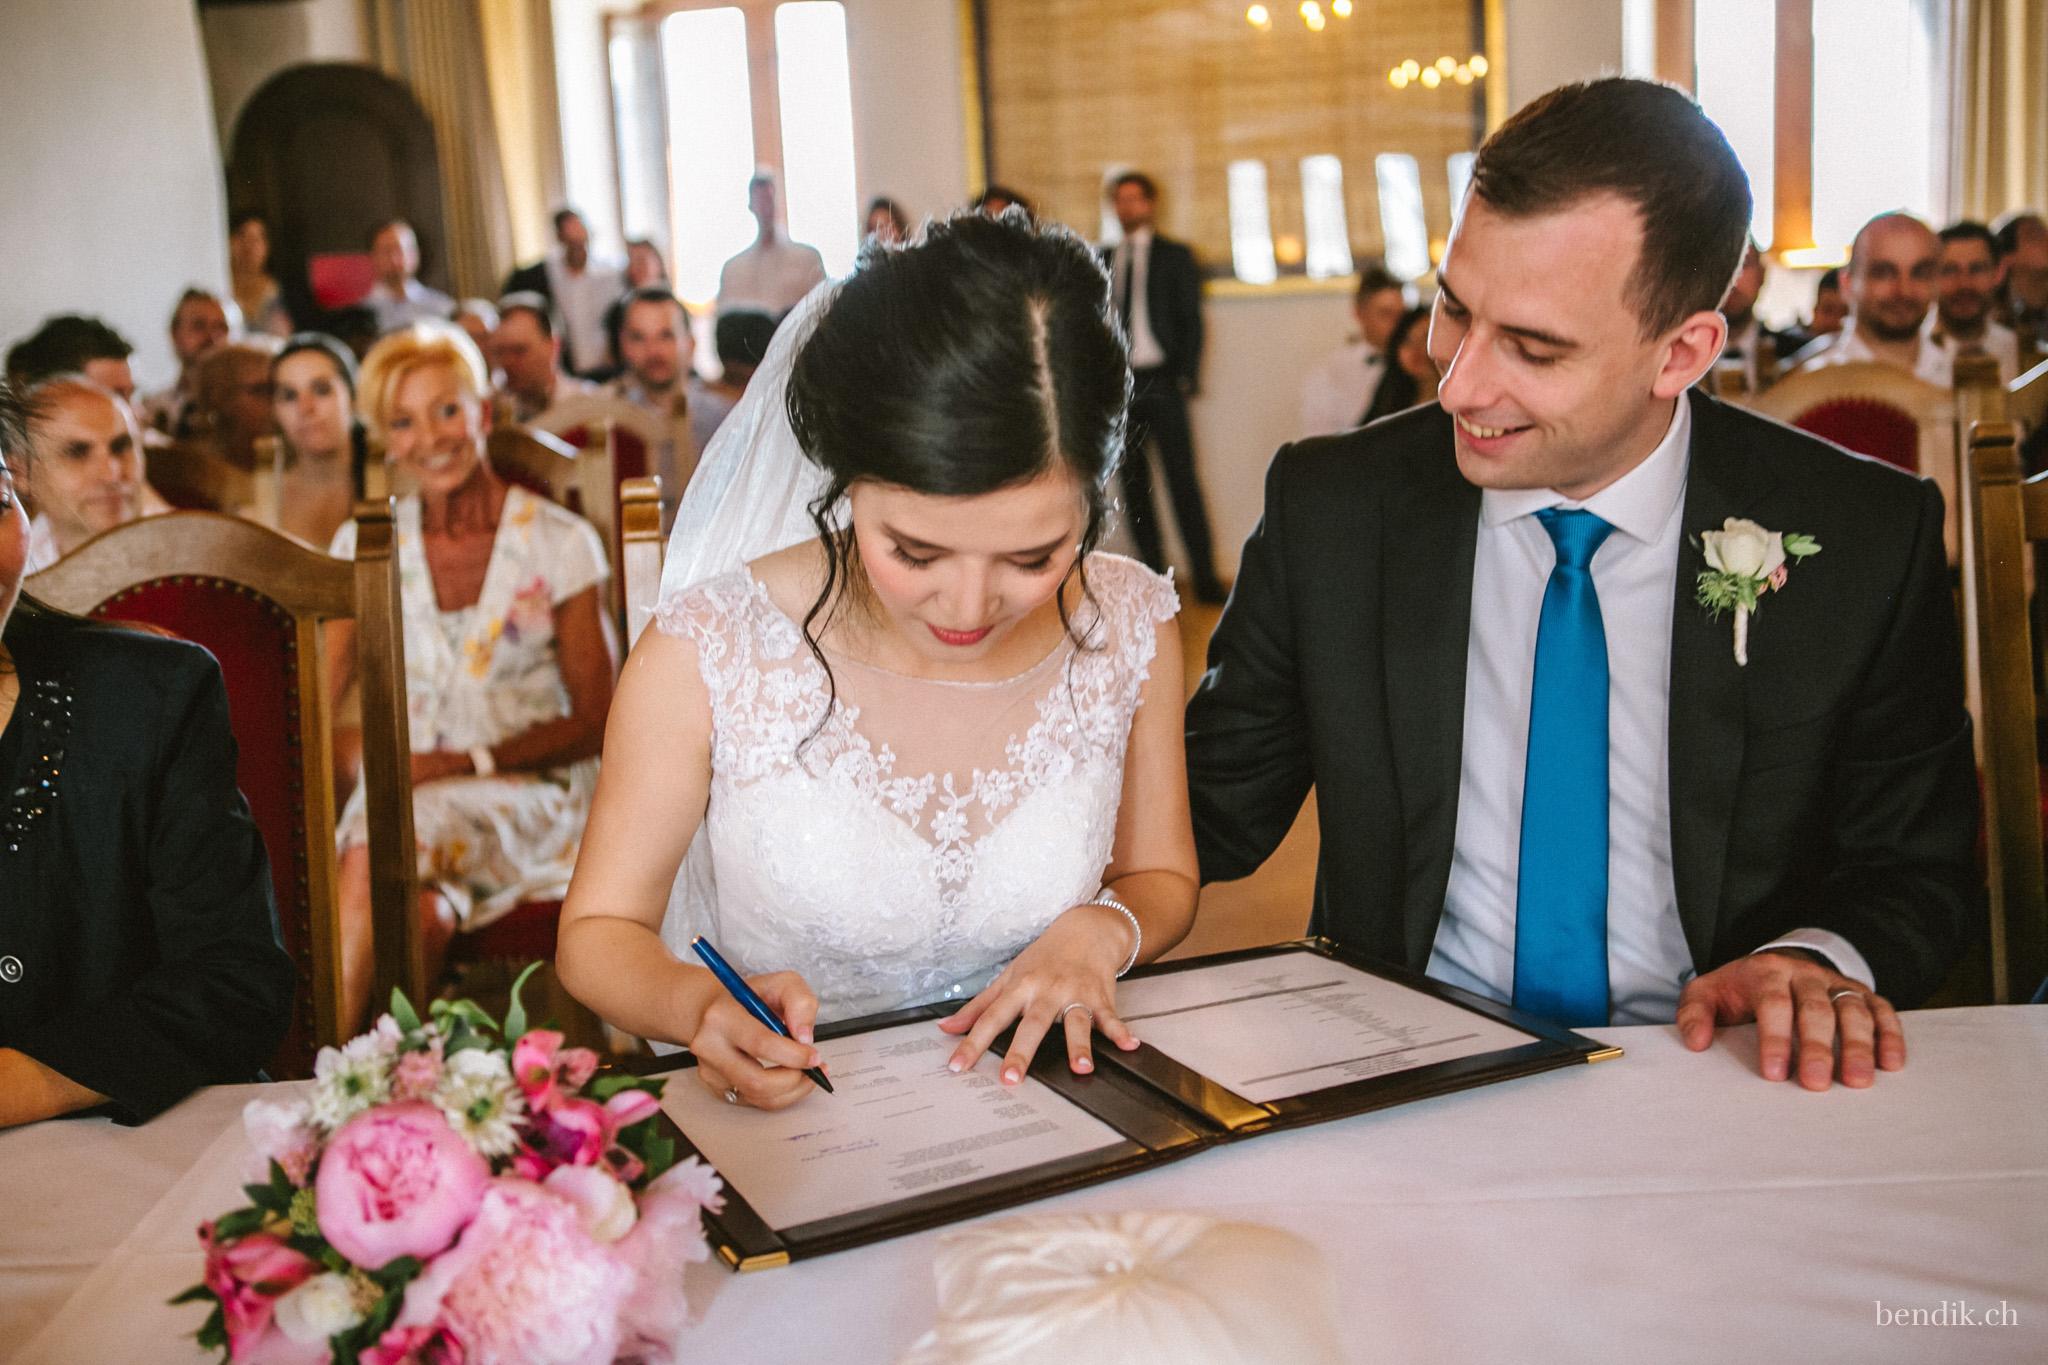 Braut unterschreibt Eheurkunde während Trauung